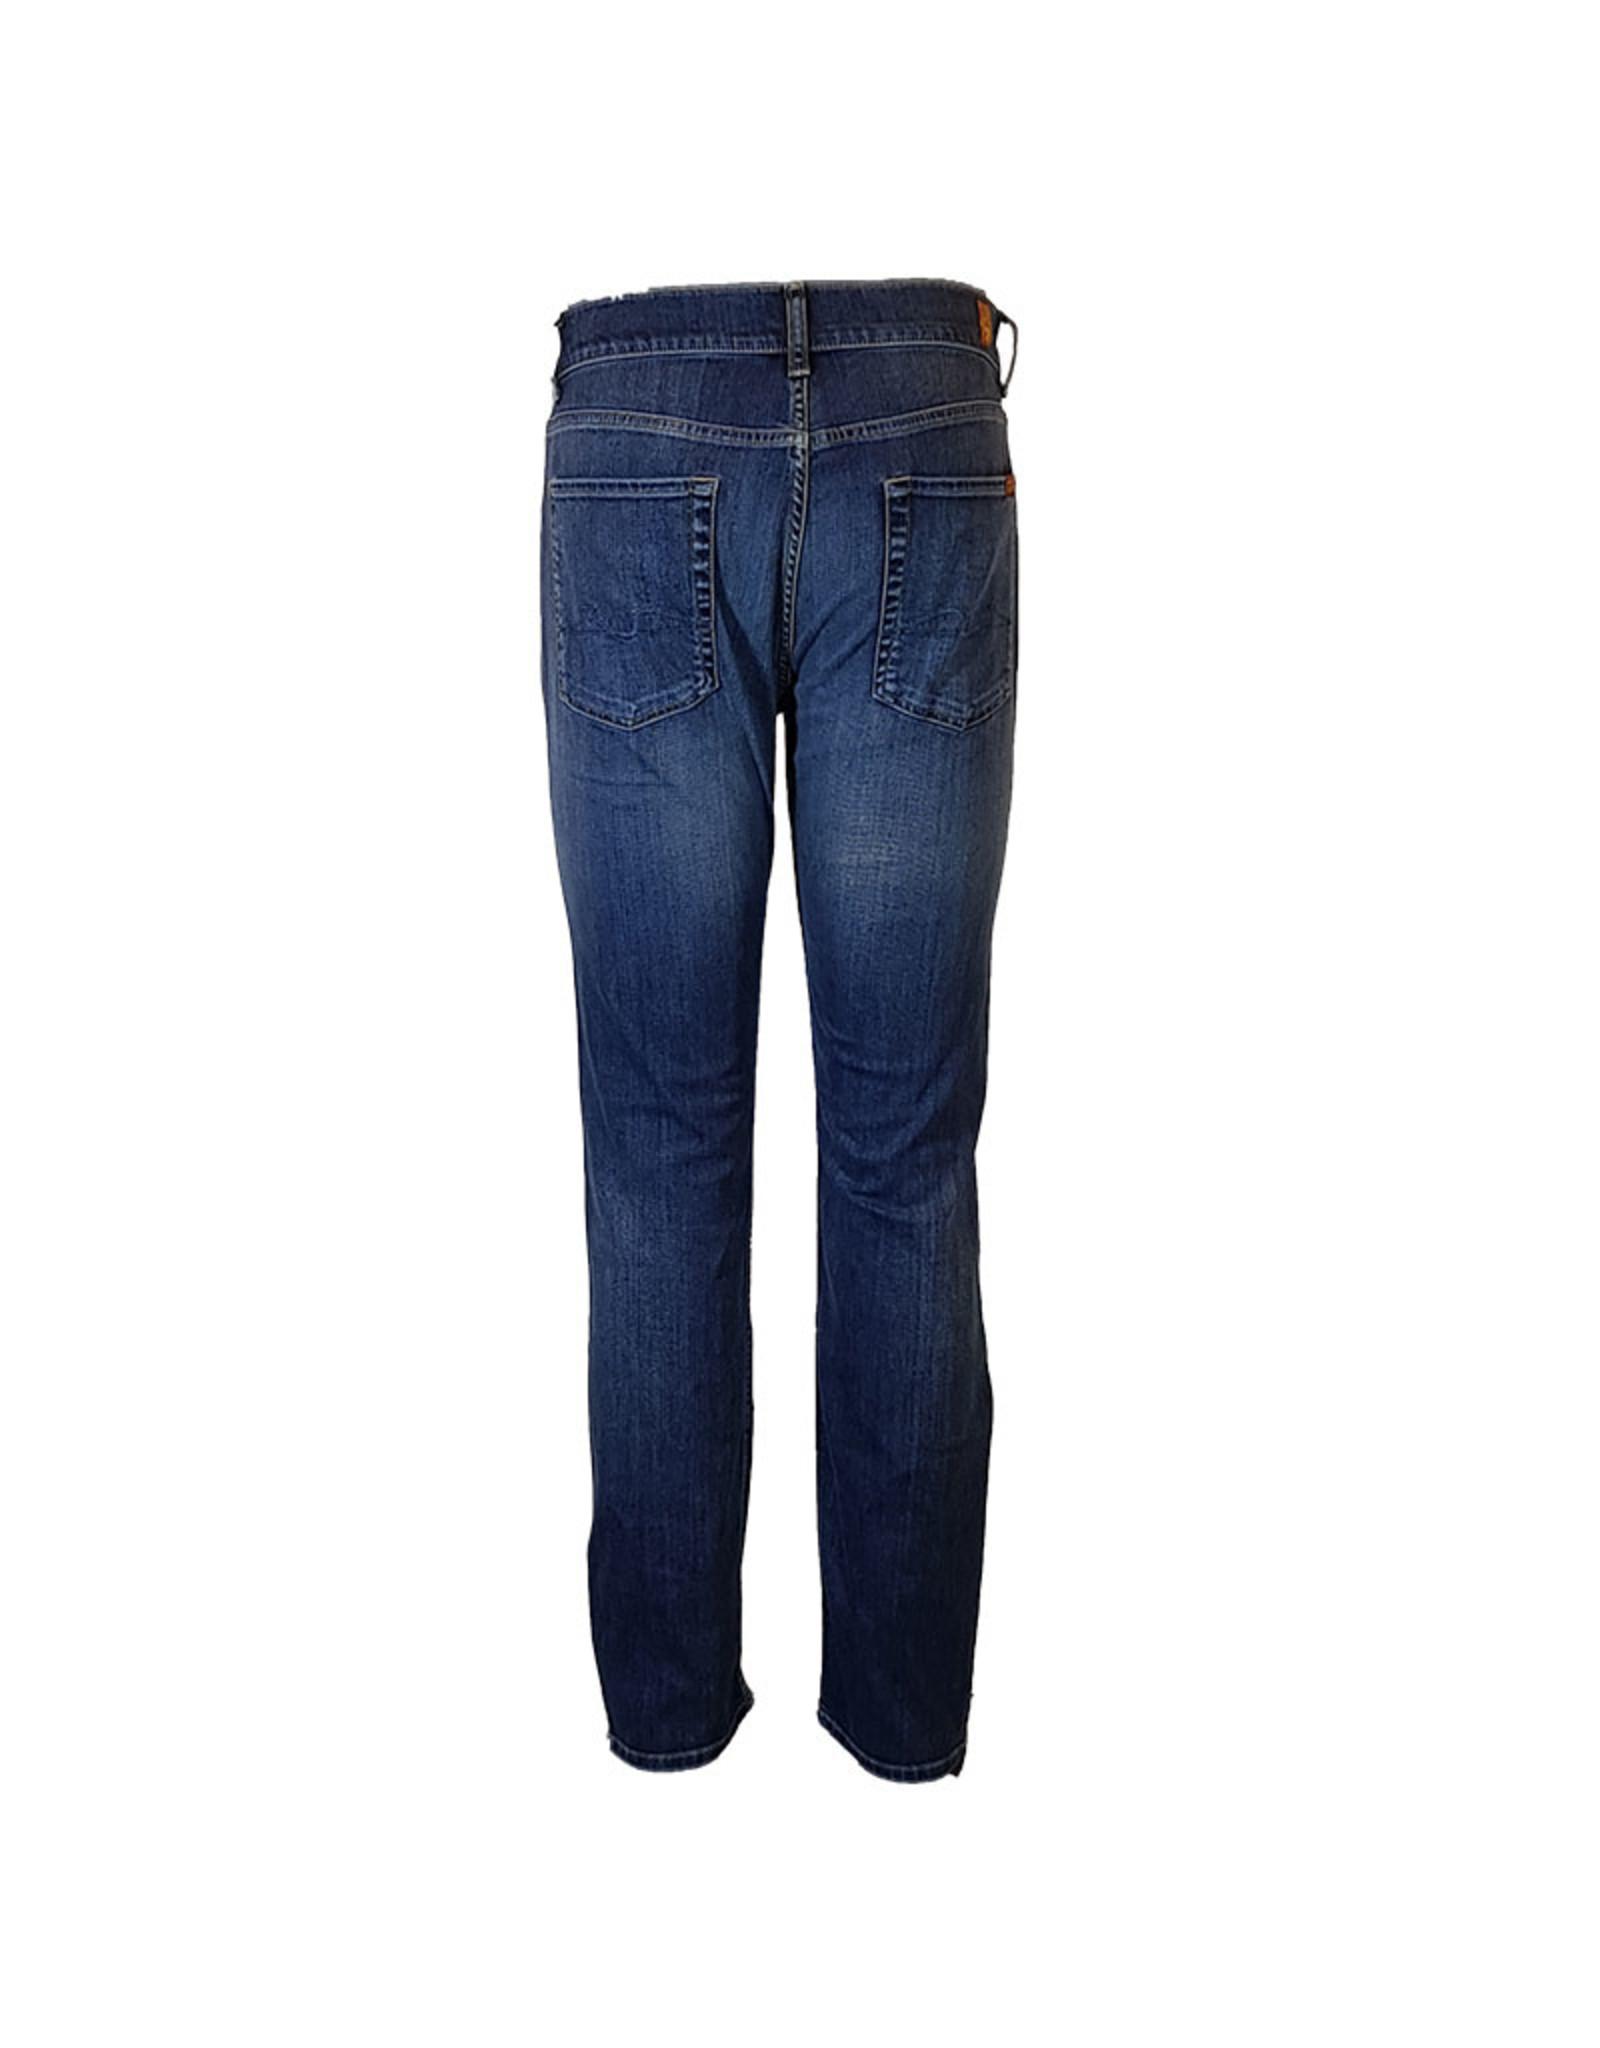 7 For All Mankind 7FAM jeans blauw Slimmy SMSU250MX